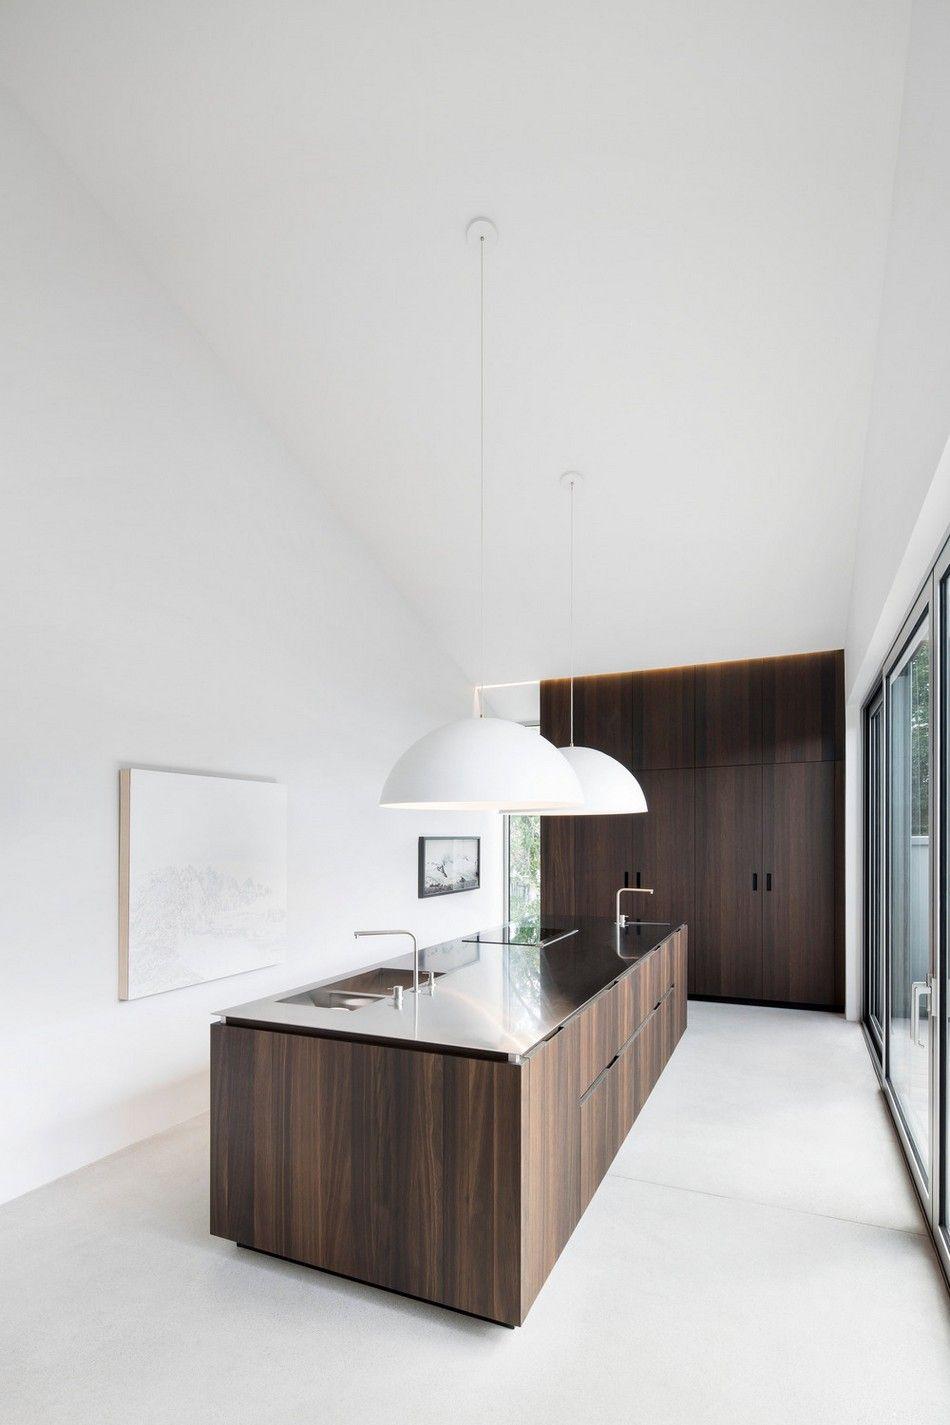 Küchenideen eiche modern residence   minimalistisch  pinterest  haus küchen